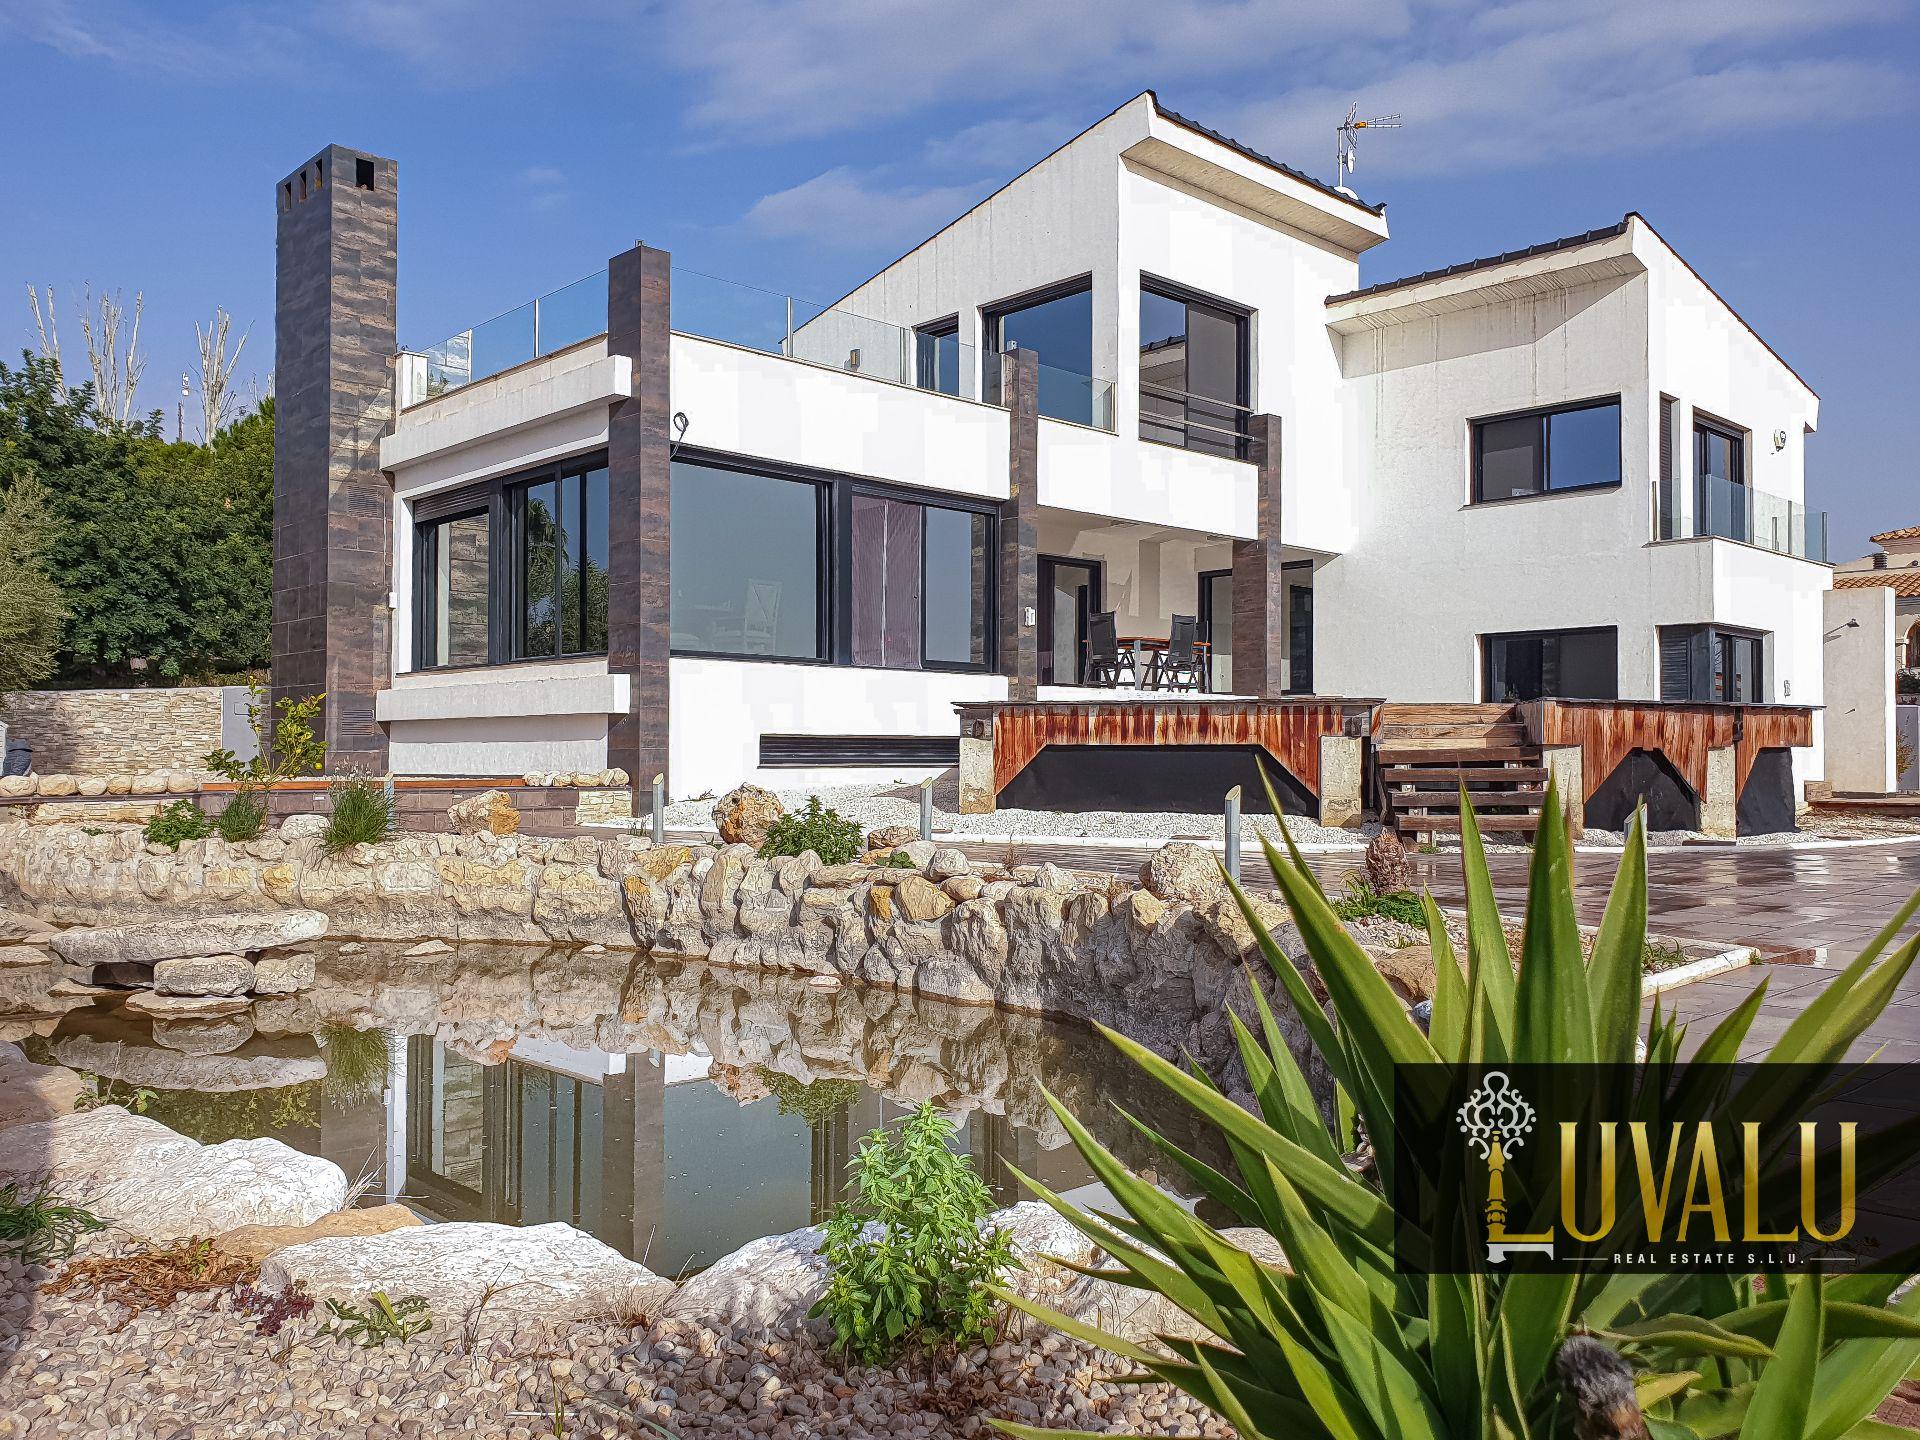 Casa / Chalet en Vinaroz, venta